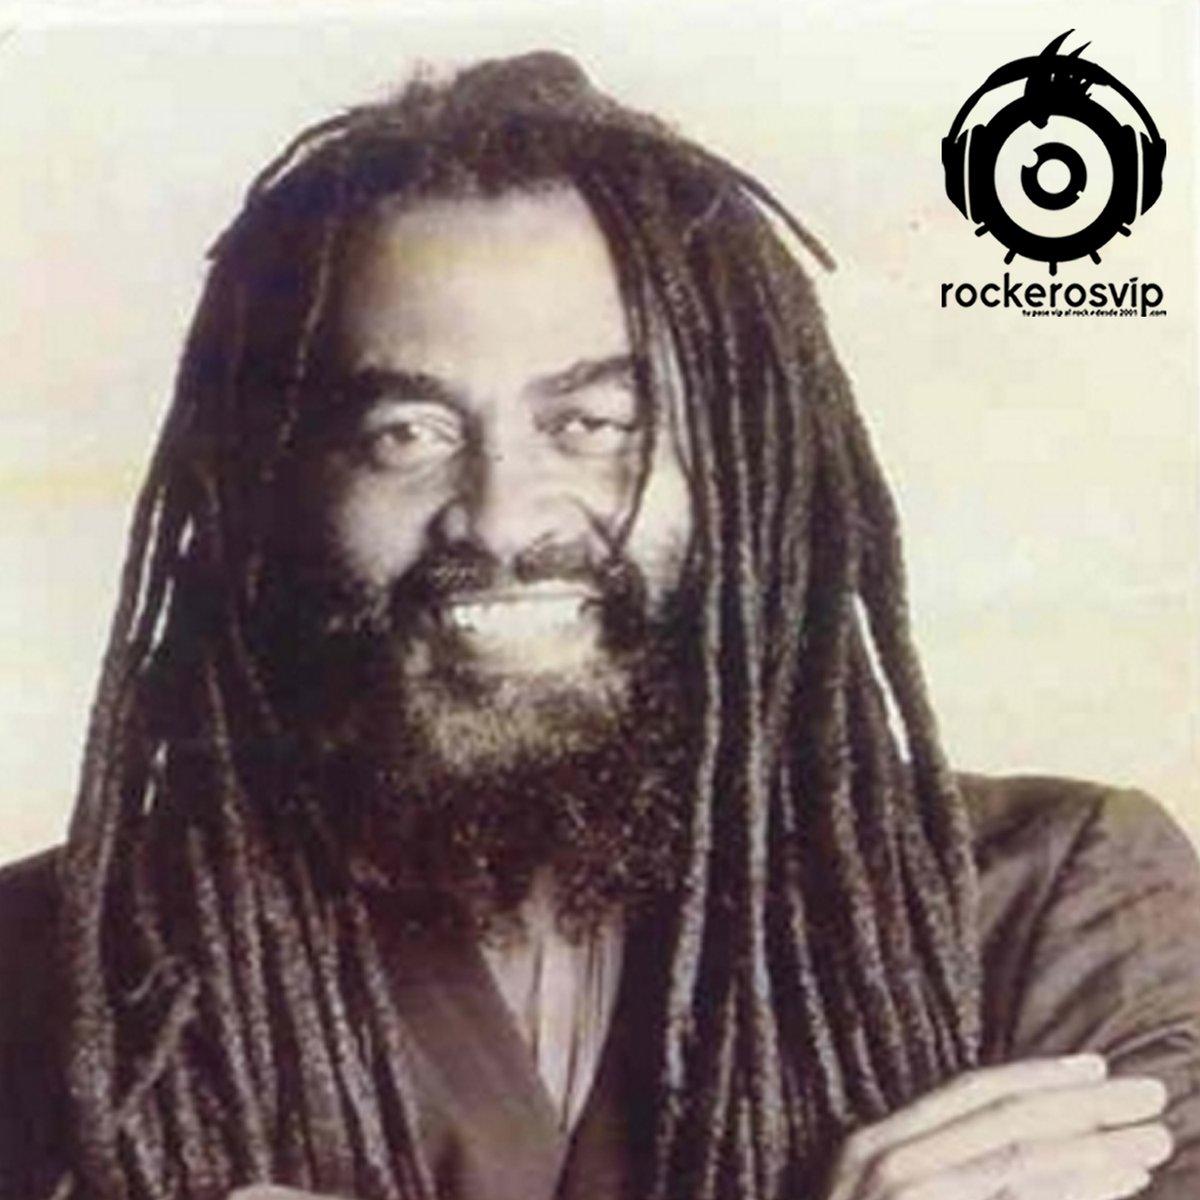 11 de julio de 1947, nace en Kingston, Jamaica, el cantante y compositor de reggae, John Holt, fue miembro del grupo The Paragons, compuso el tema The Tide Is High que hiciera luego famoso Blondie. Murió el 19 de octubre de 2014 a los 67 años en Londres. pic.twitter.com/faLnAeX0x5